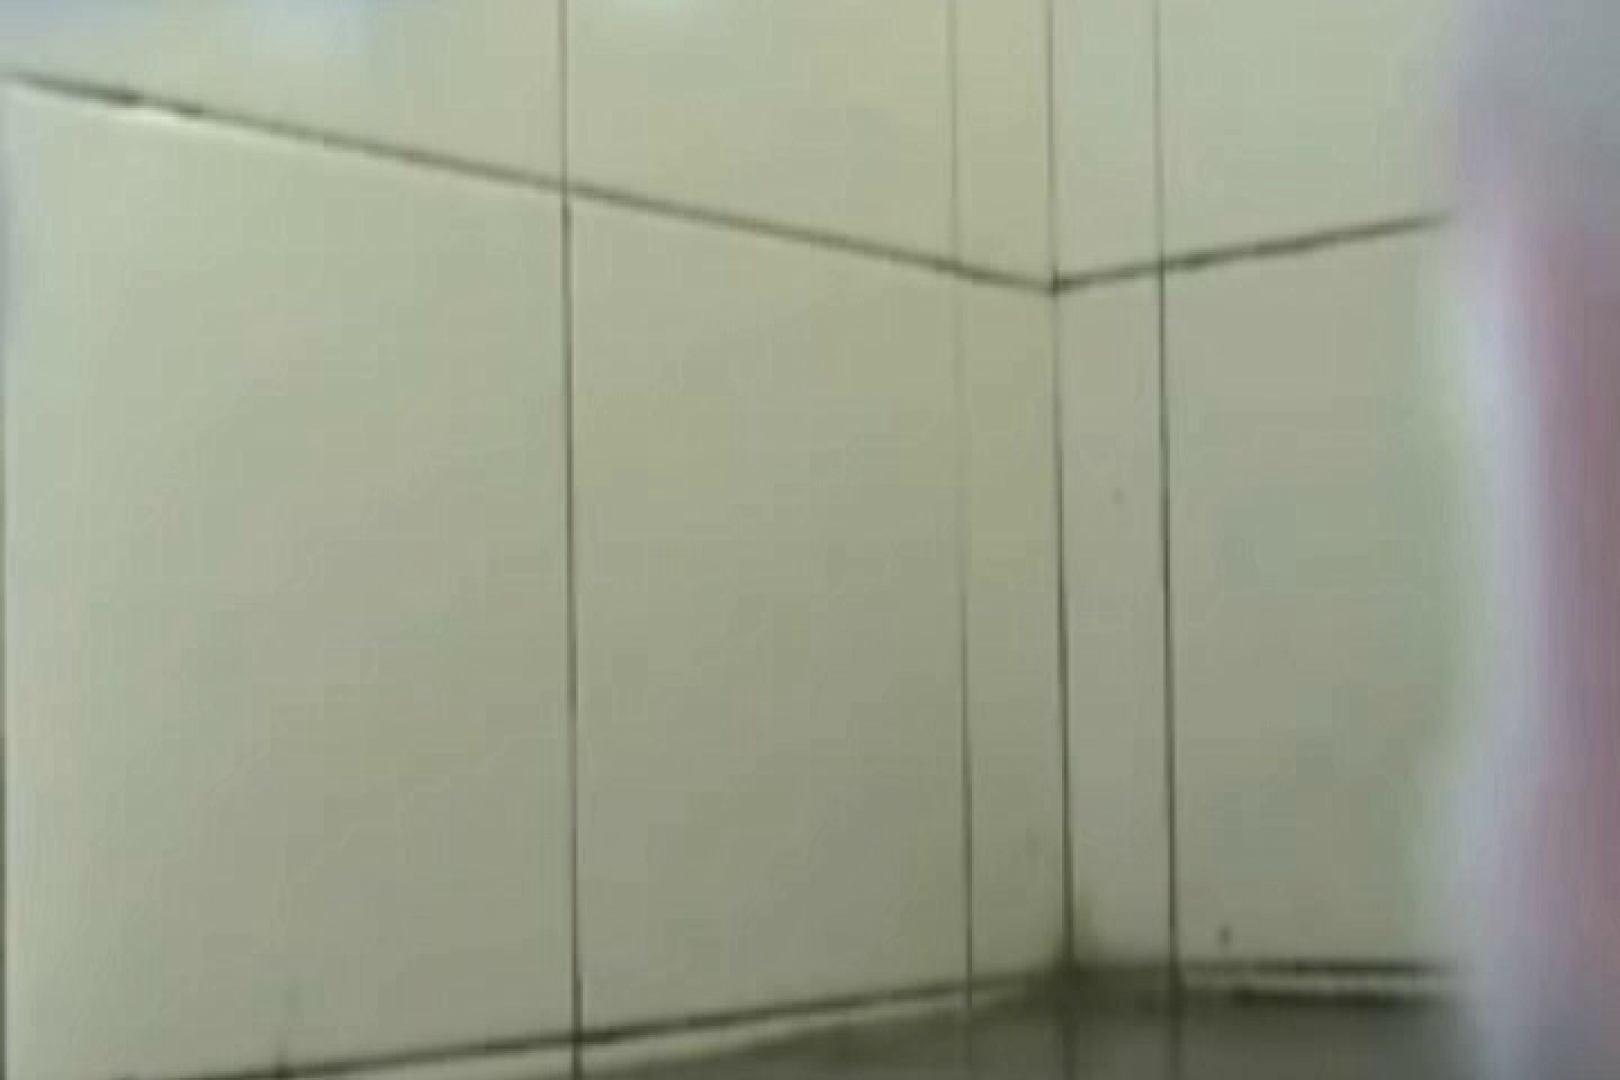 ぼっとん洗面所スペシャルVol.13 洗面所  57PIX 39